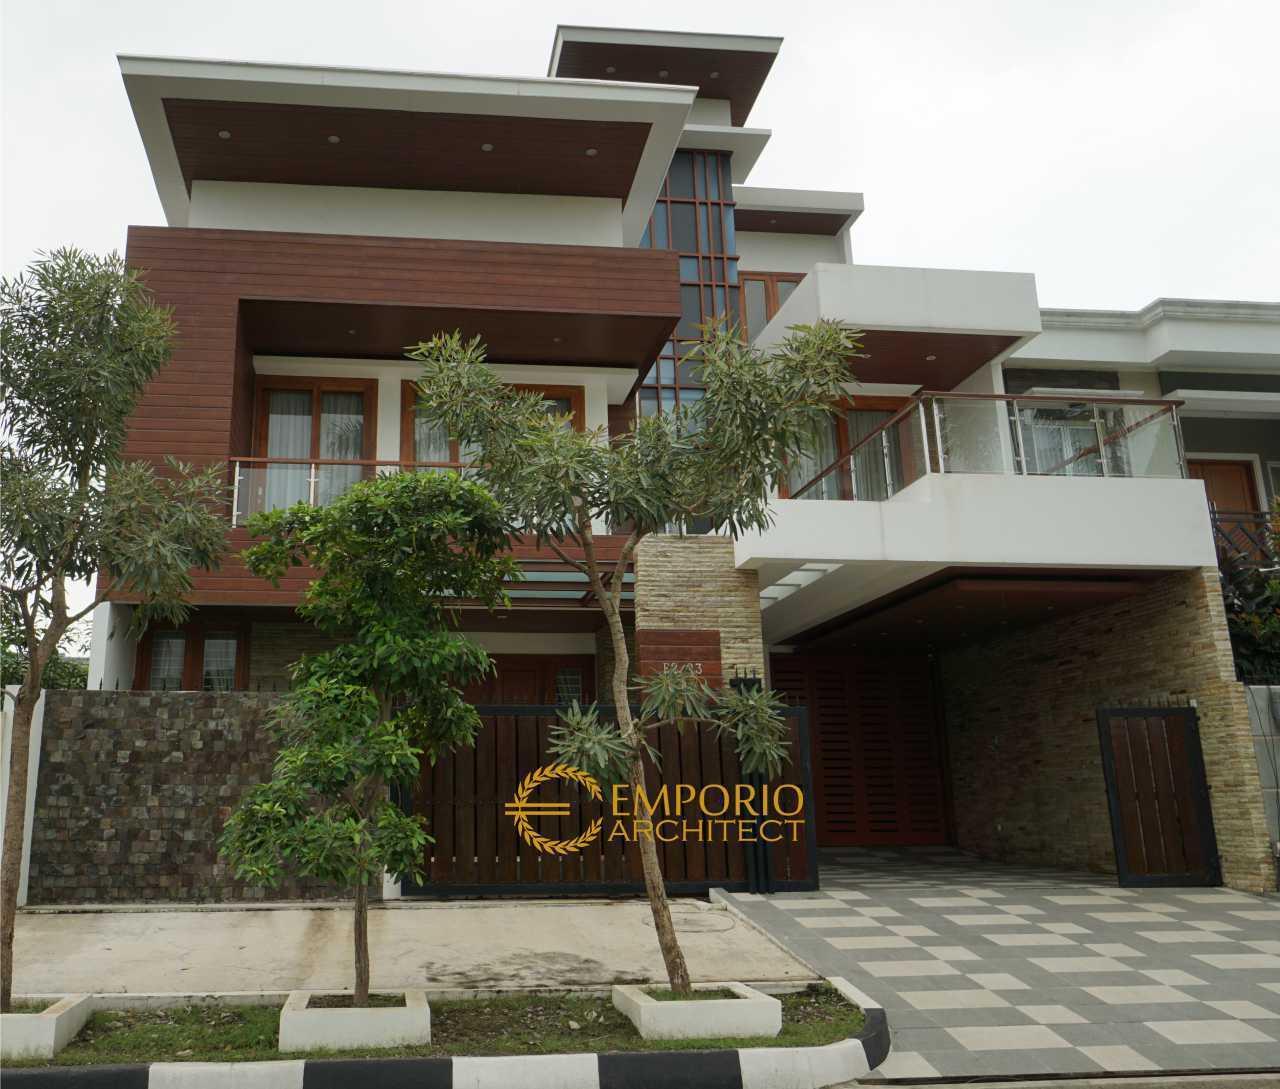 Emporio Architect Jasa Arsitek Tangerang Hasil Konstruksi Rumah Modern Tropis 276 @ Tangerang Tangerang, Kota Tangerang, Banten, Indonesia Tangerang, Kota Tangerang, Banten, Indonesia Emporio-Architect-Jasa-Arsitek-Tangerang-Hasil-Konstruksi-Rumah-Modern-Tropis-276-Tangerang  86568